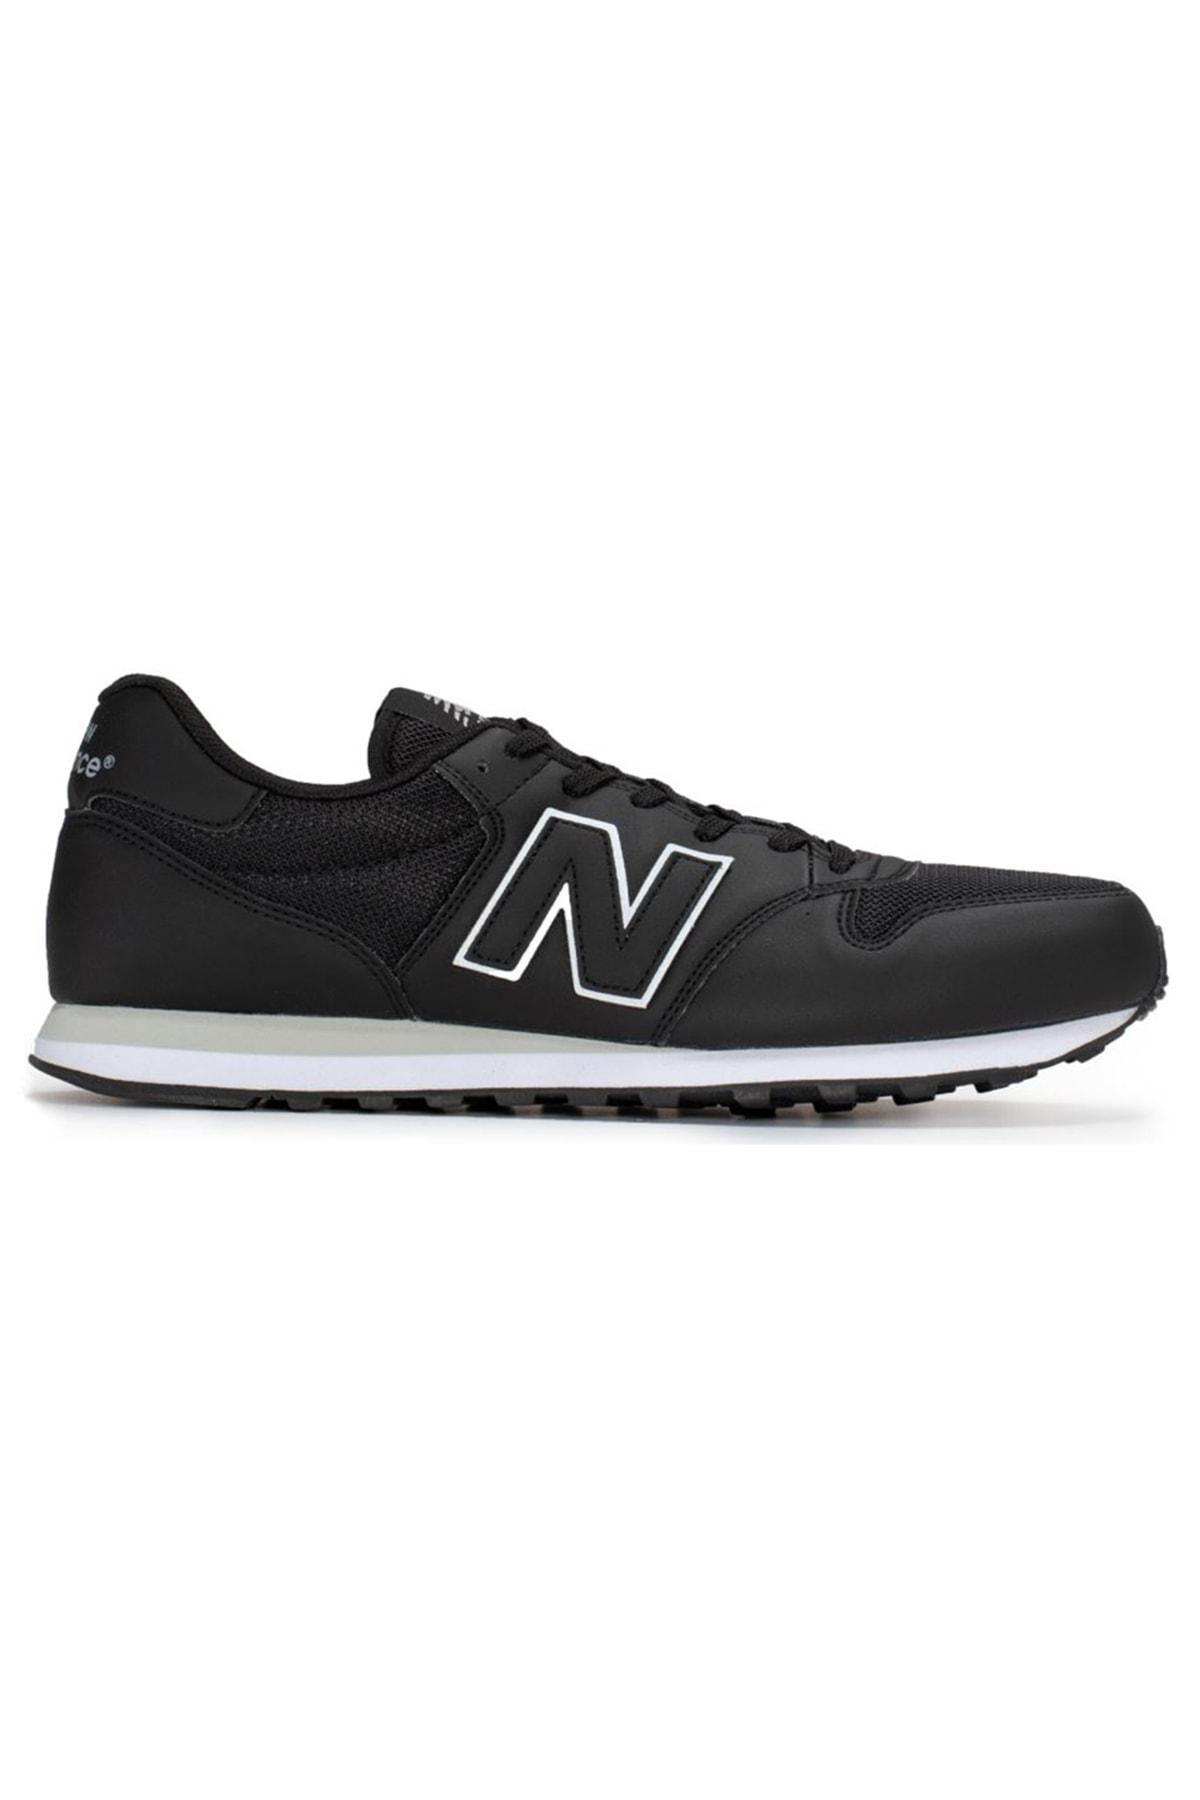 New Balance Erkek Yürüyüş Ayakkabısı - 500 - GM500NBL 1